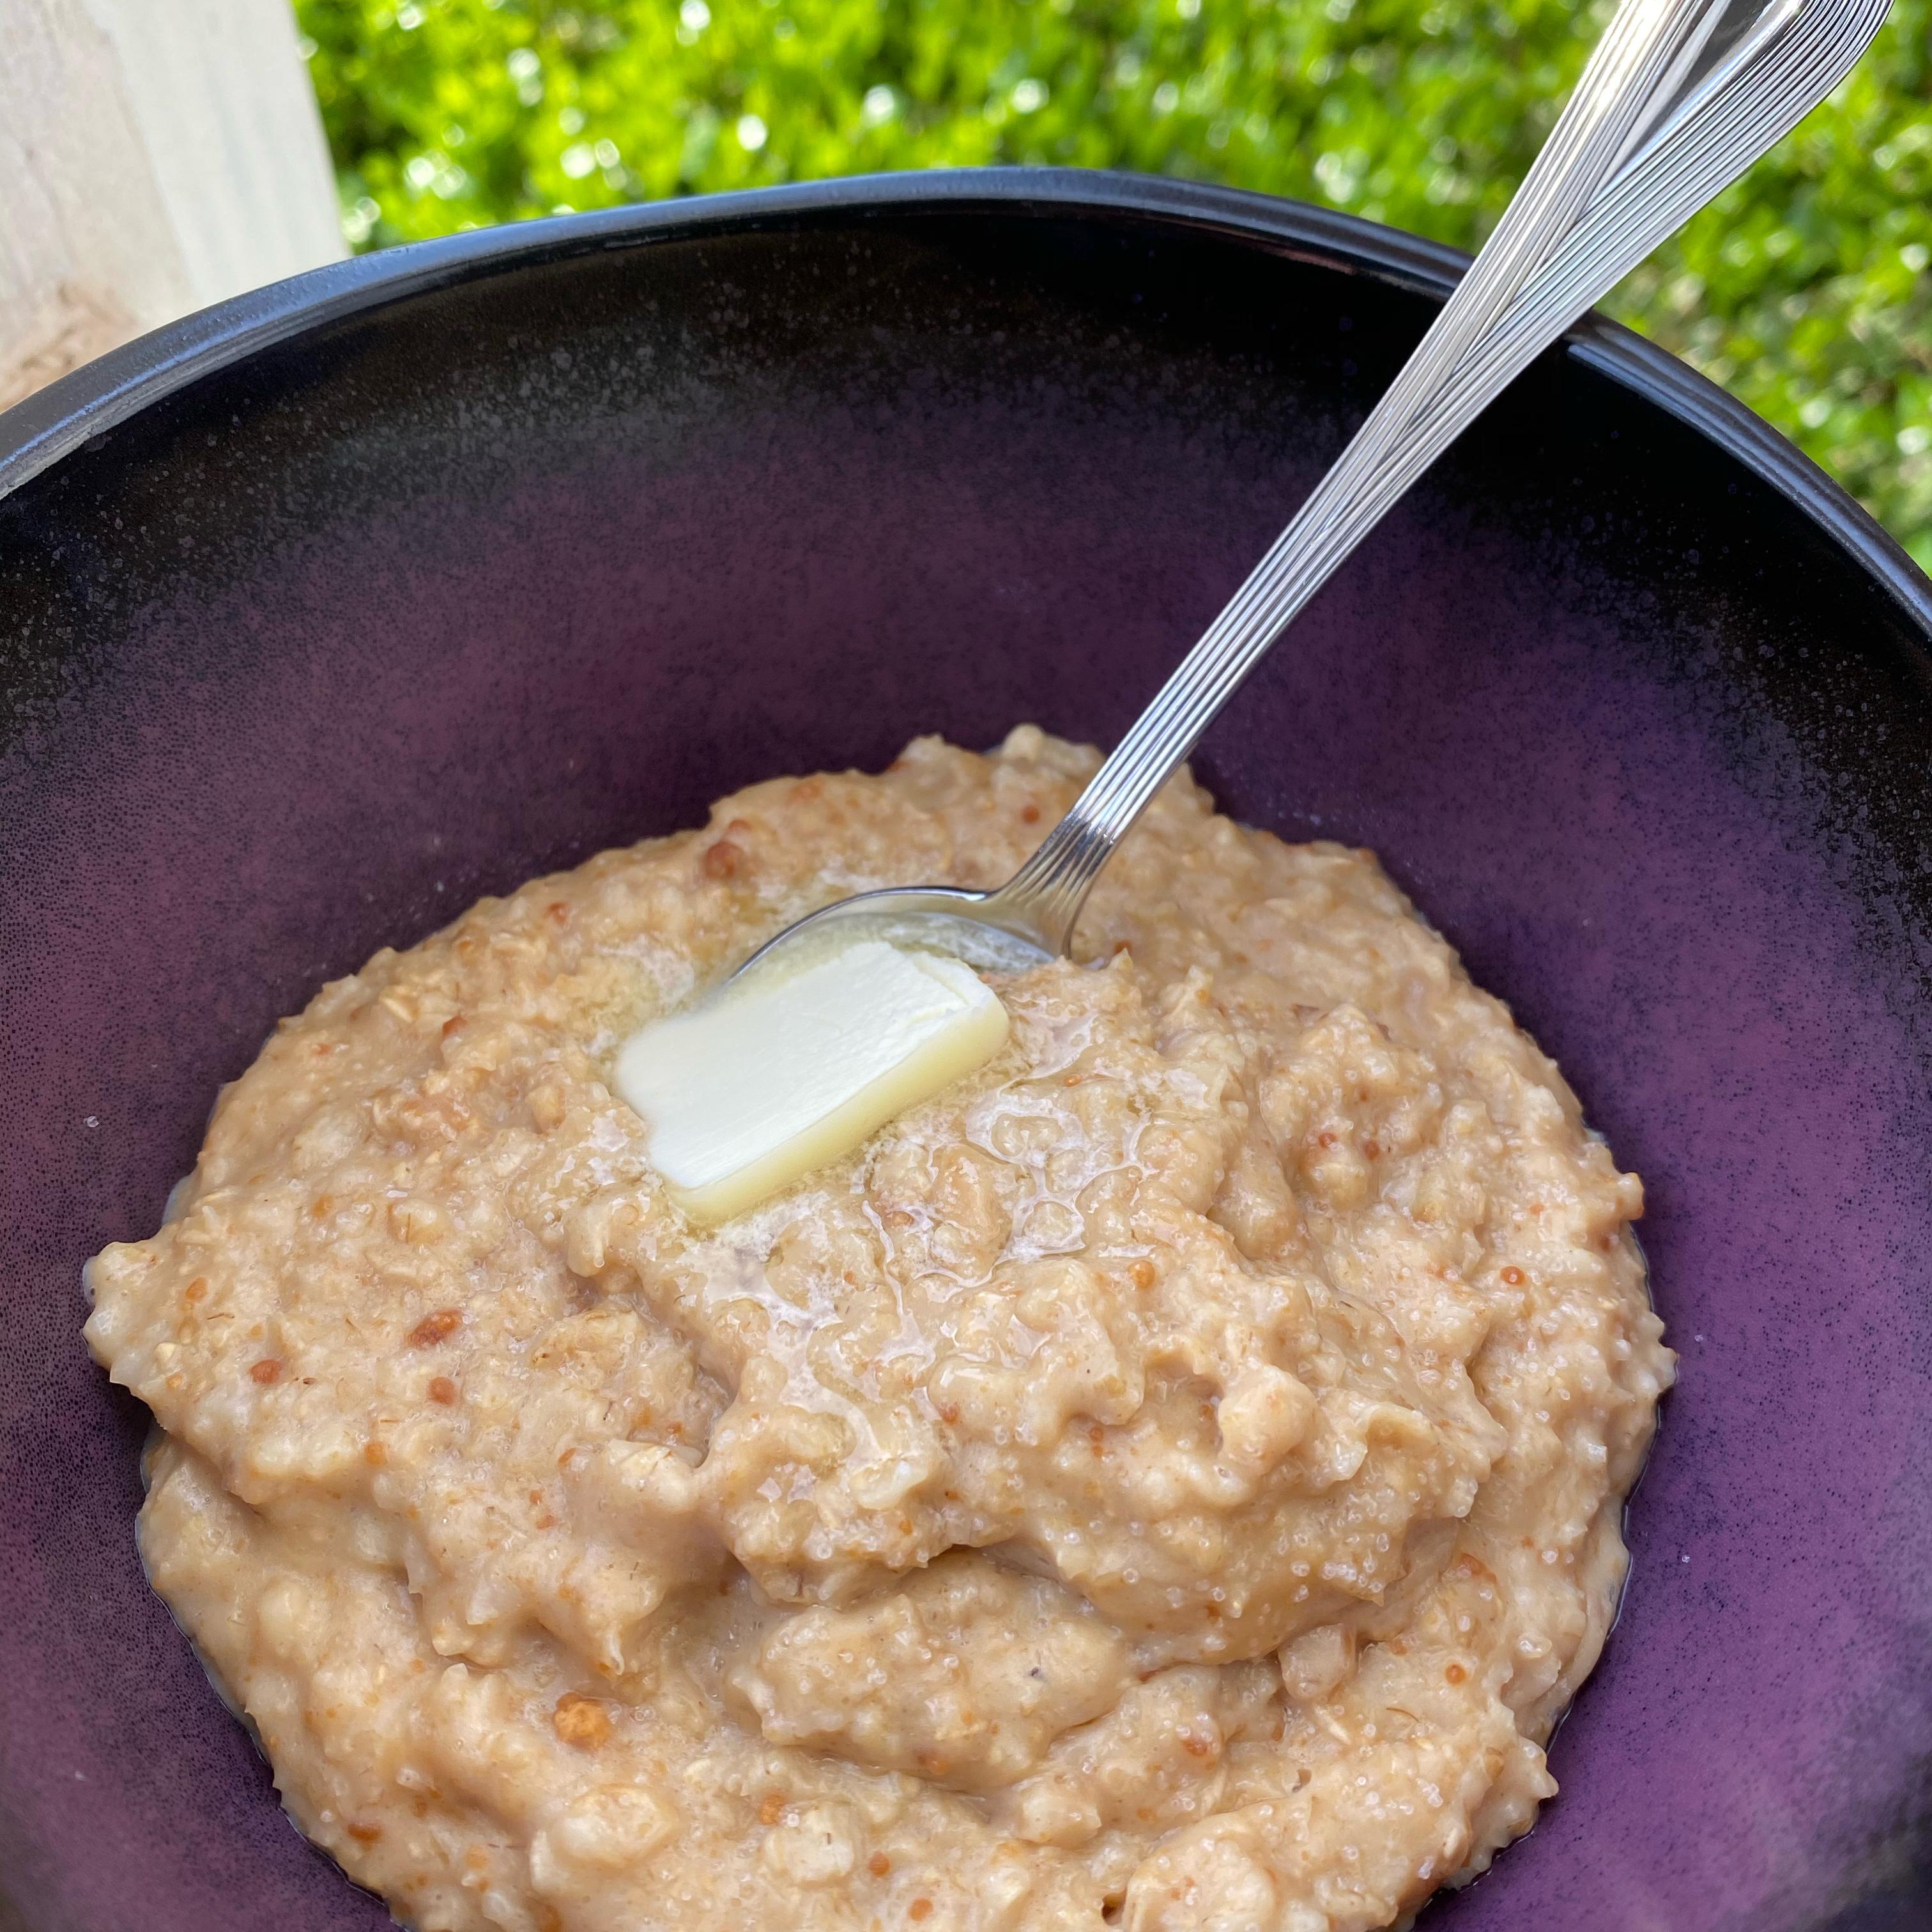 Hannah's Peanut Butter Oatmeal